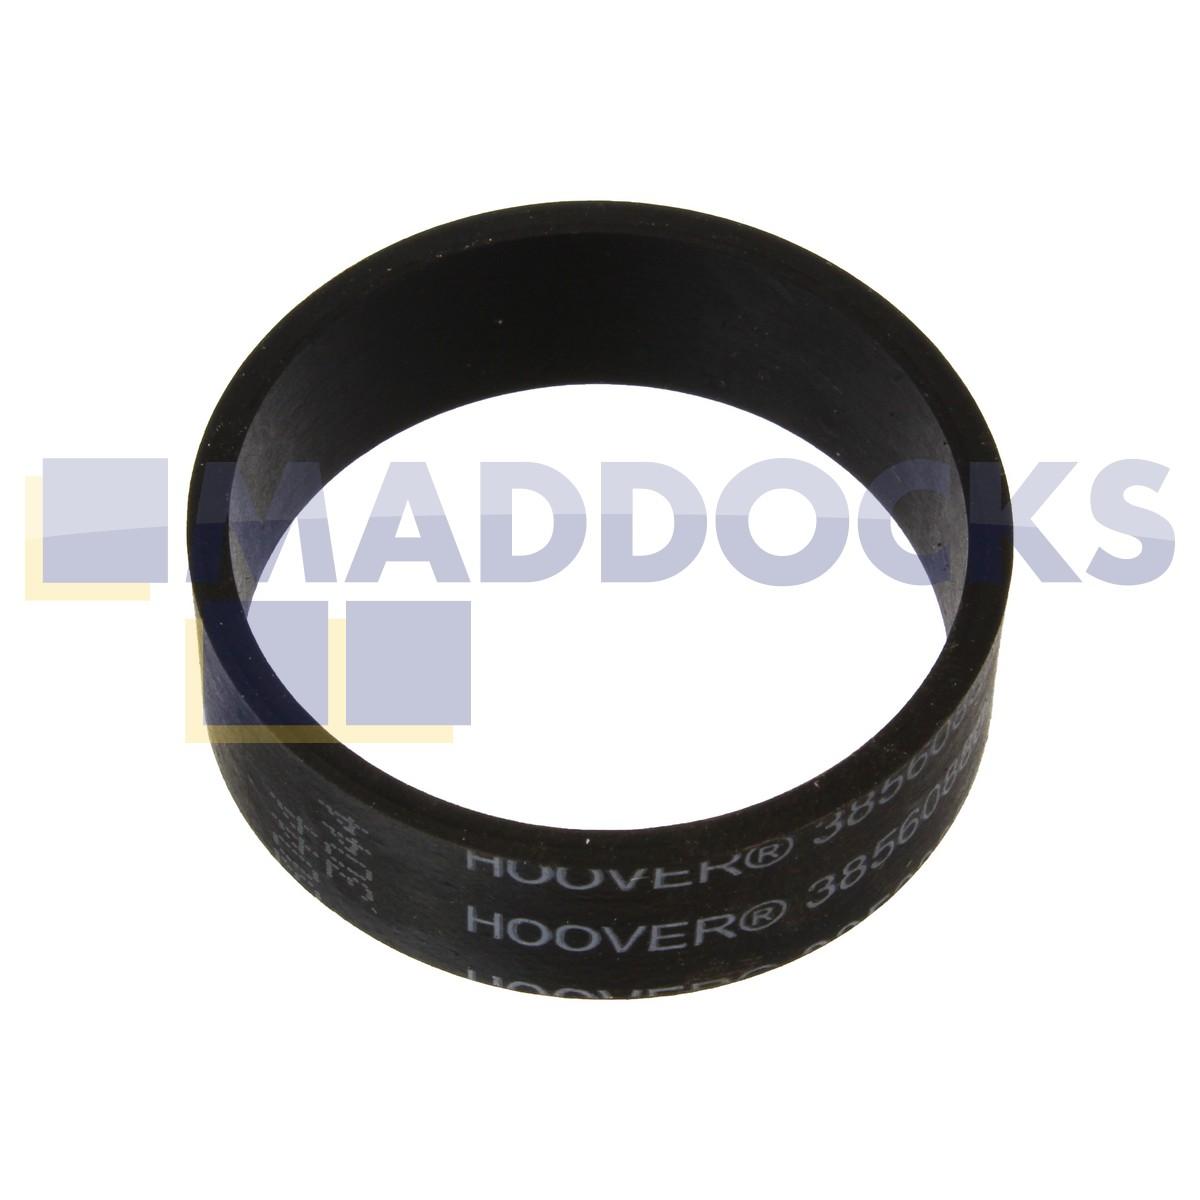 Hoover  GLOBE  V34  Vacuum Cleaner Drive Belt GENUINE